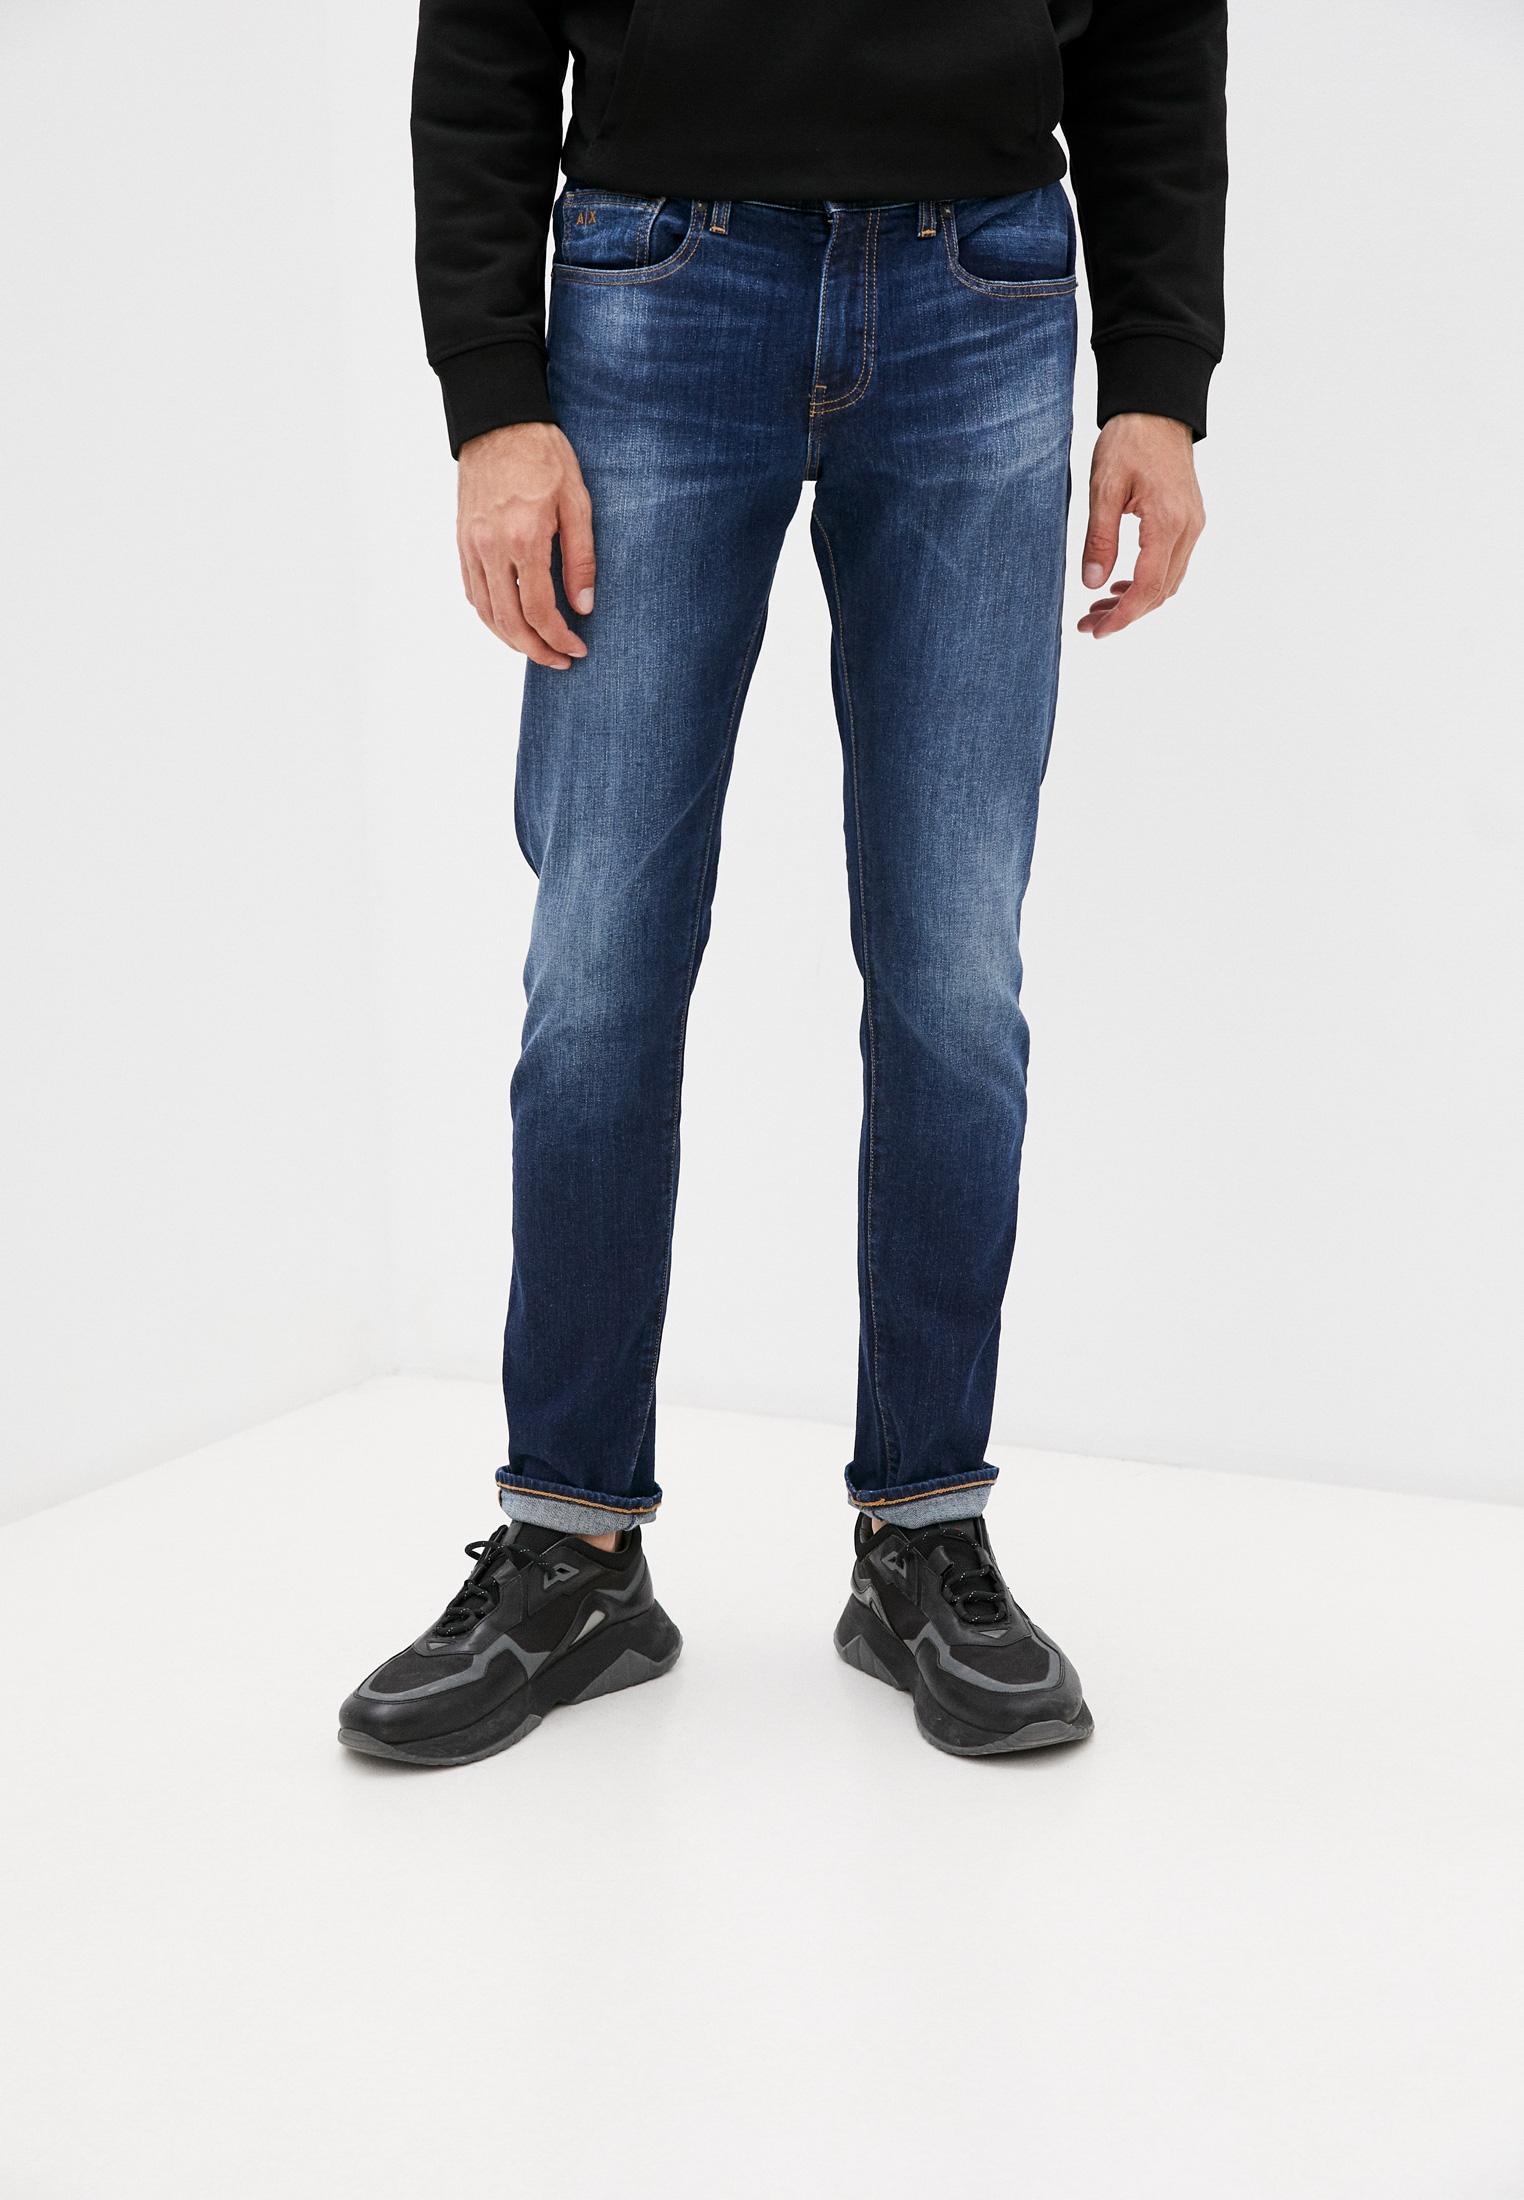 Зауженные джинсы Armani Exchange Джинсы Armani Exchange